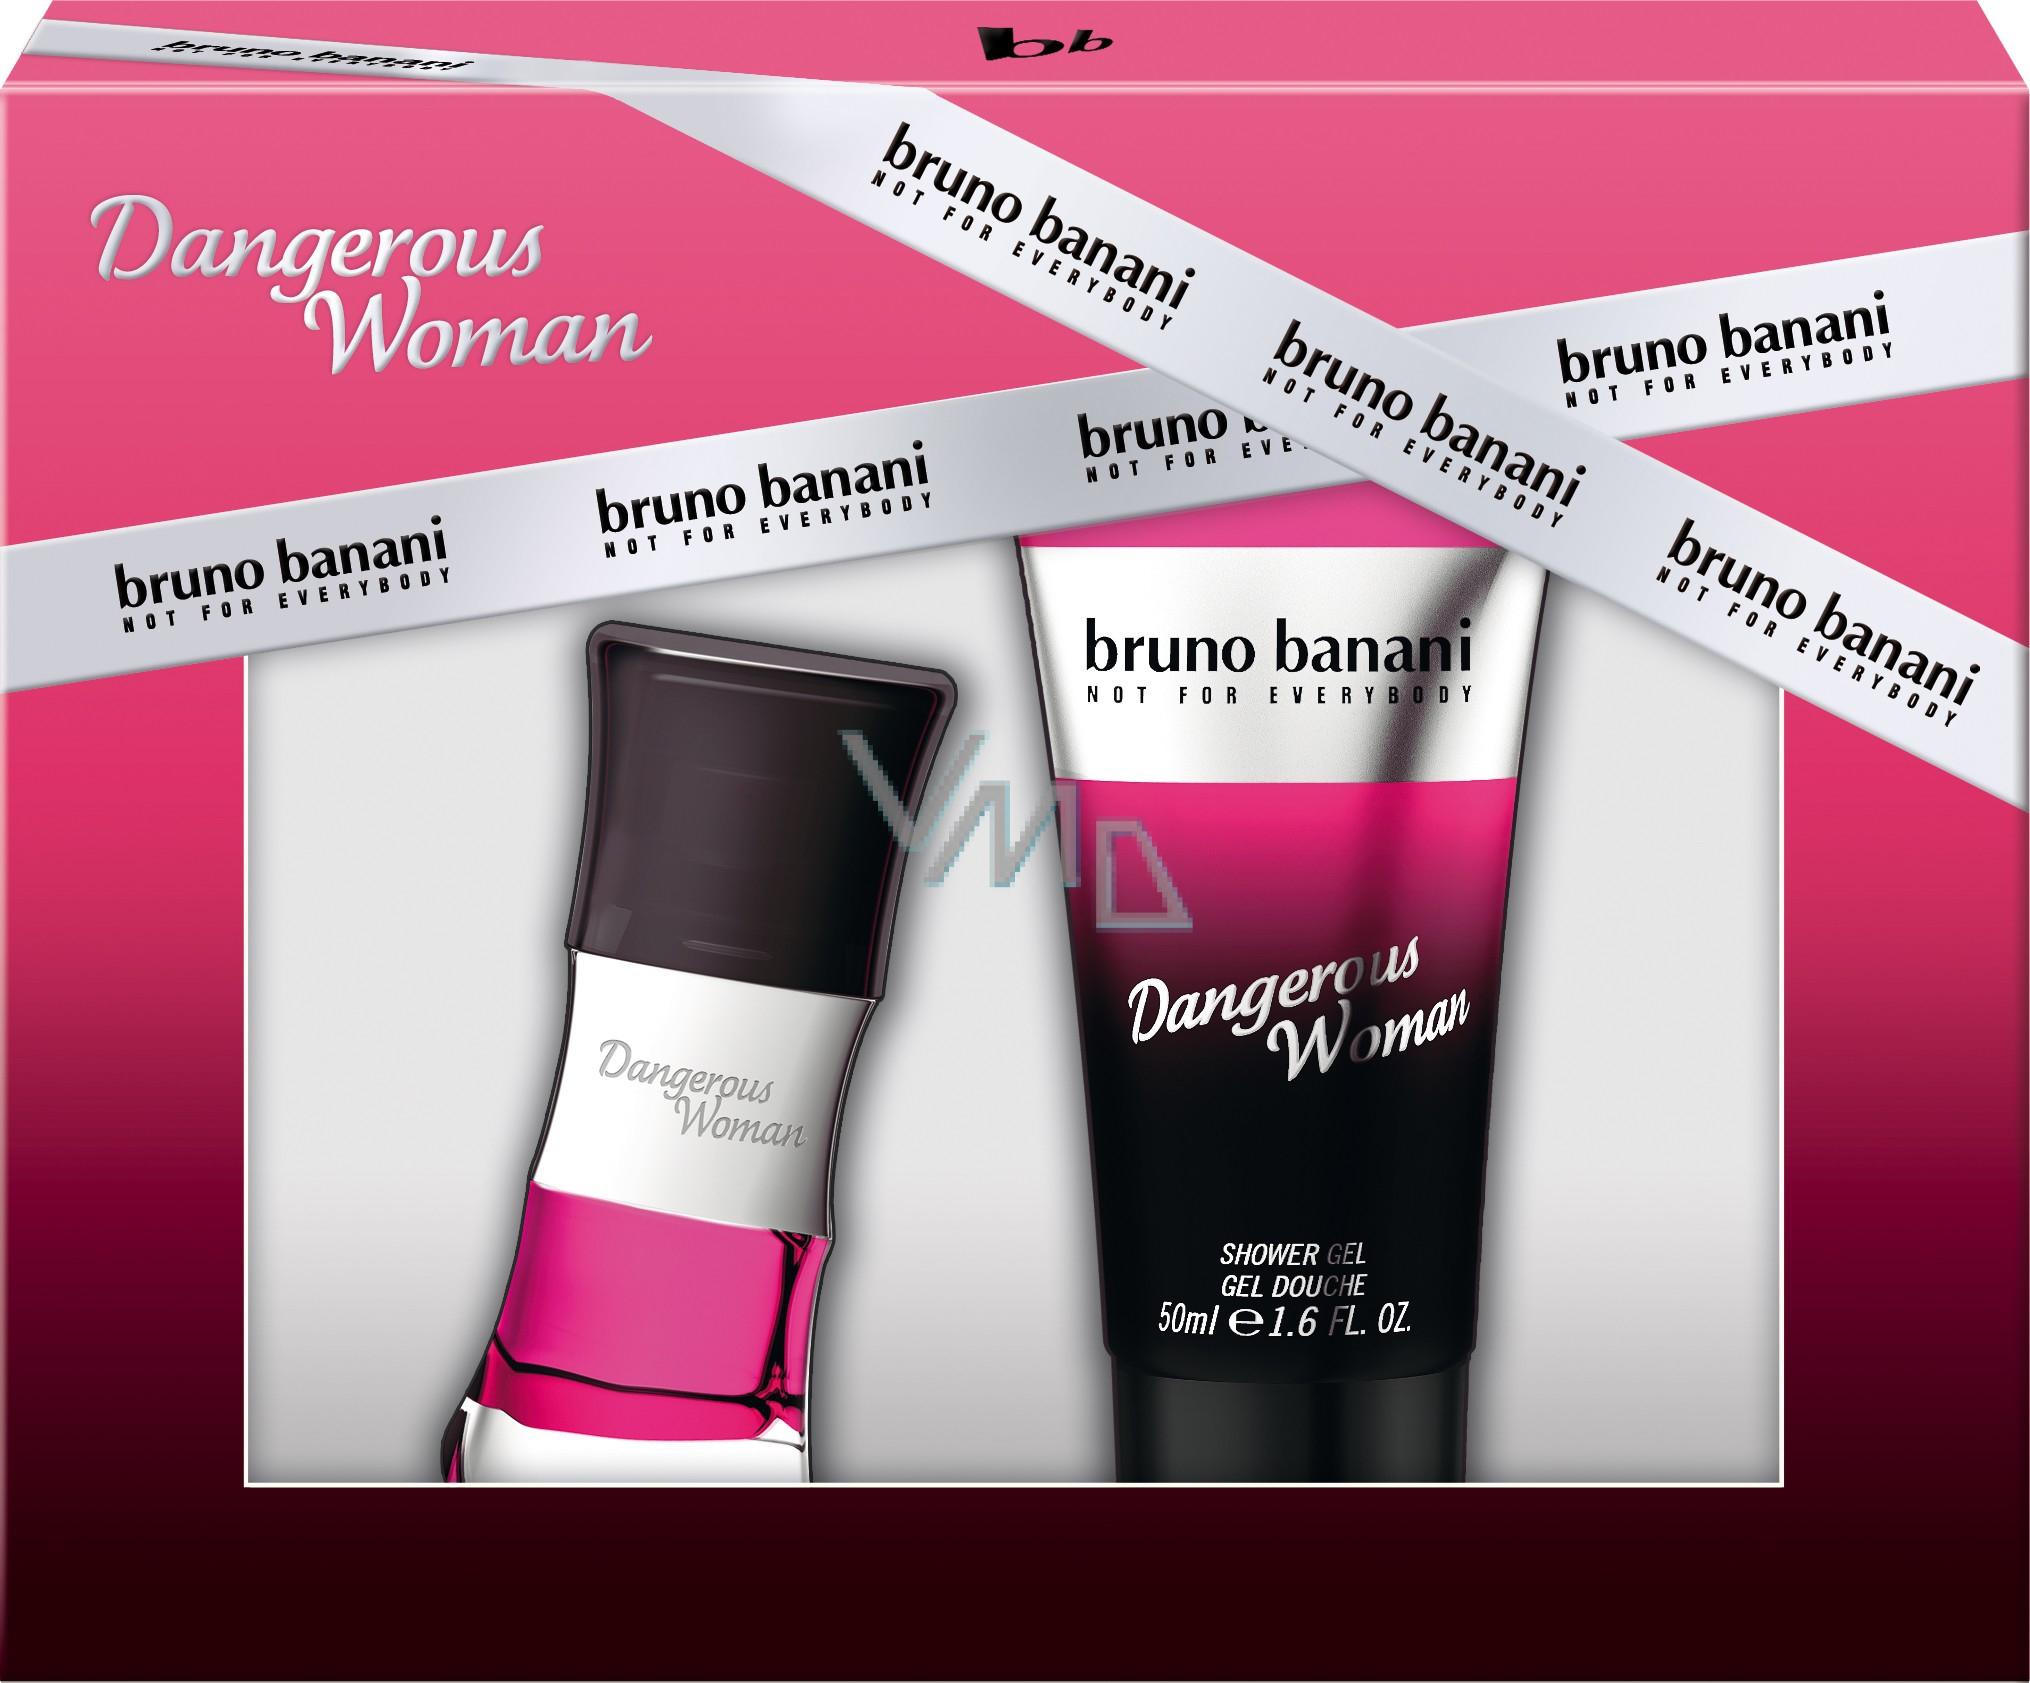 Bruno Banani Dangerous Woman toaletní voda 20 ml + sprchový gel 50 ml, dárková sada